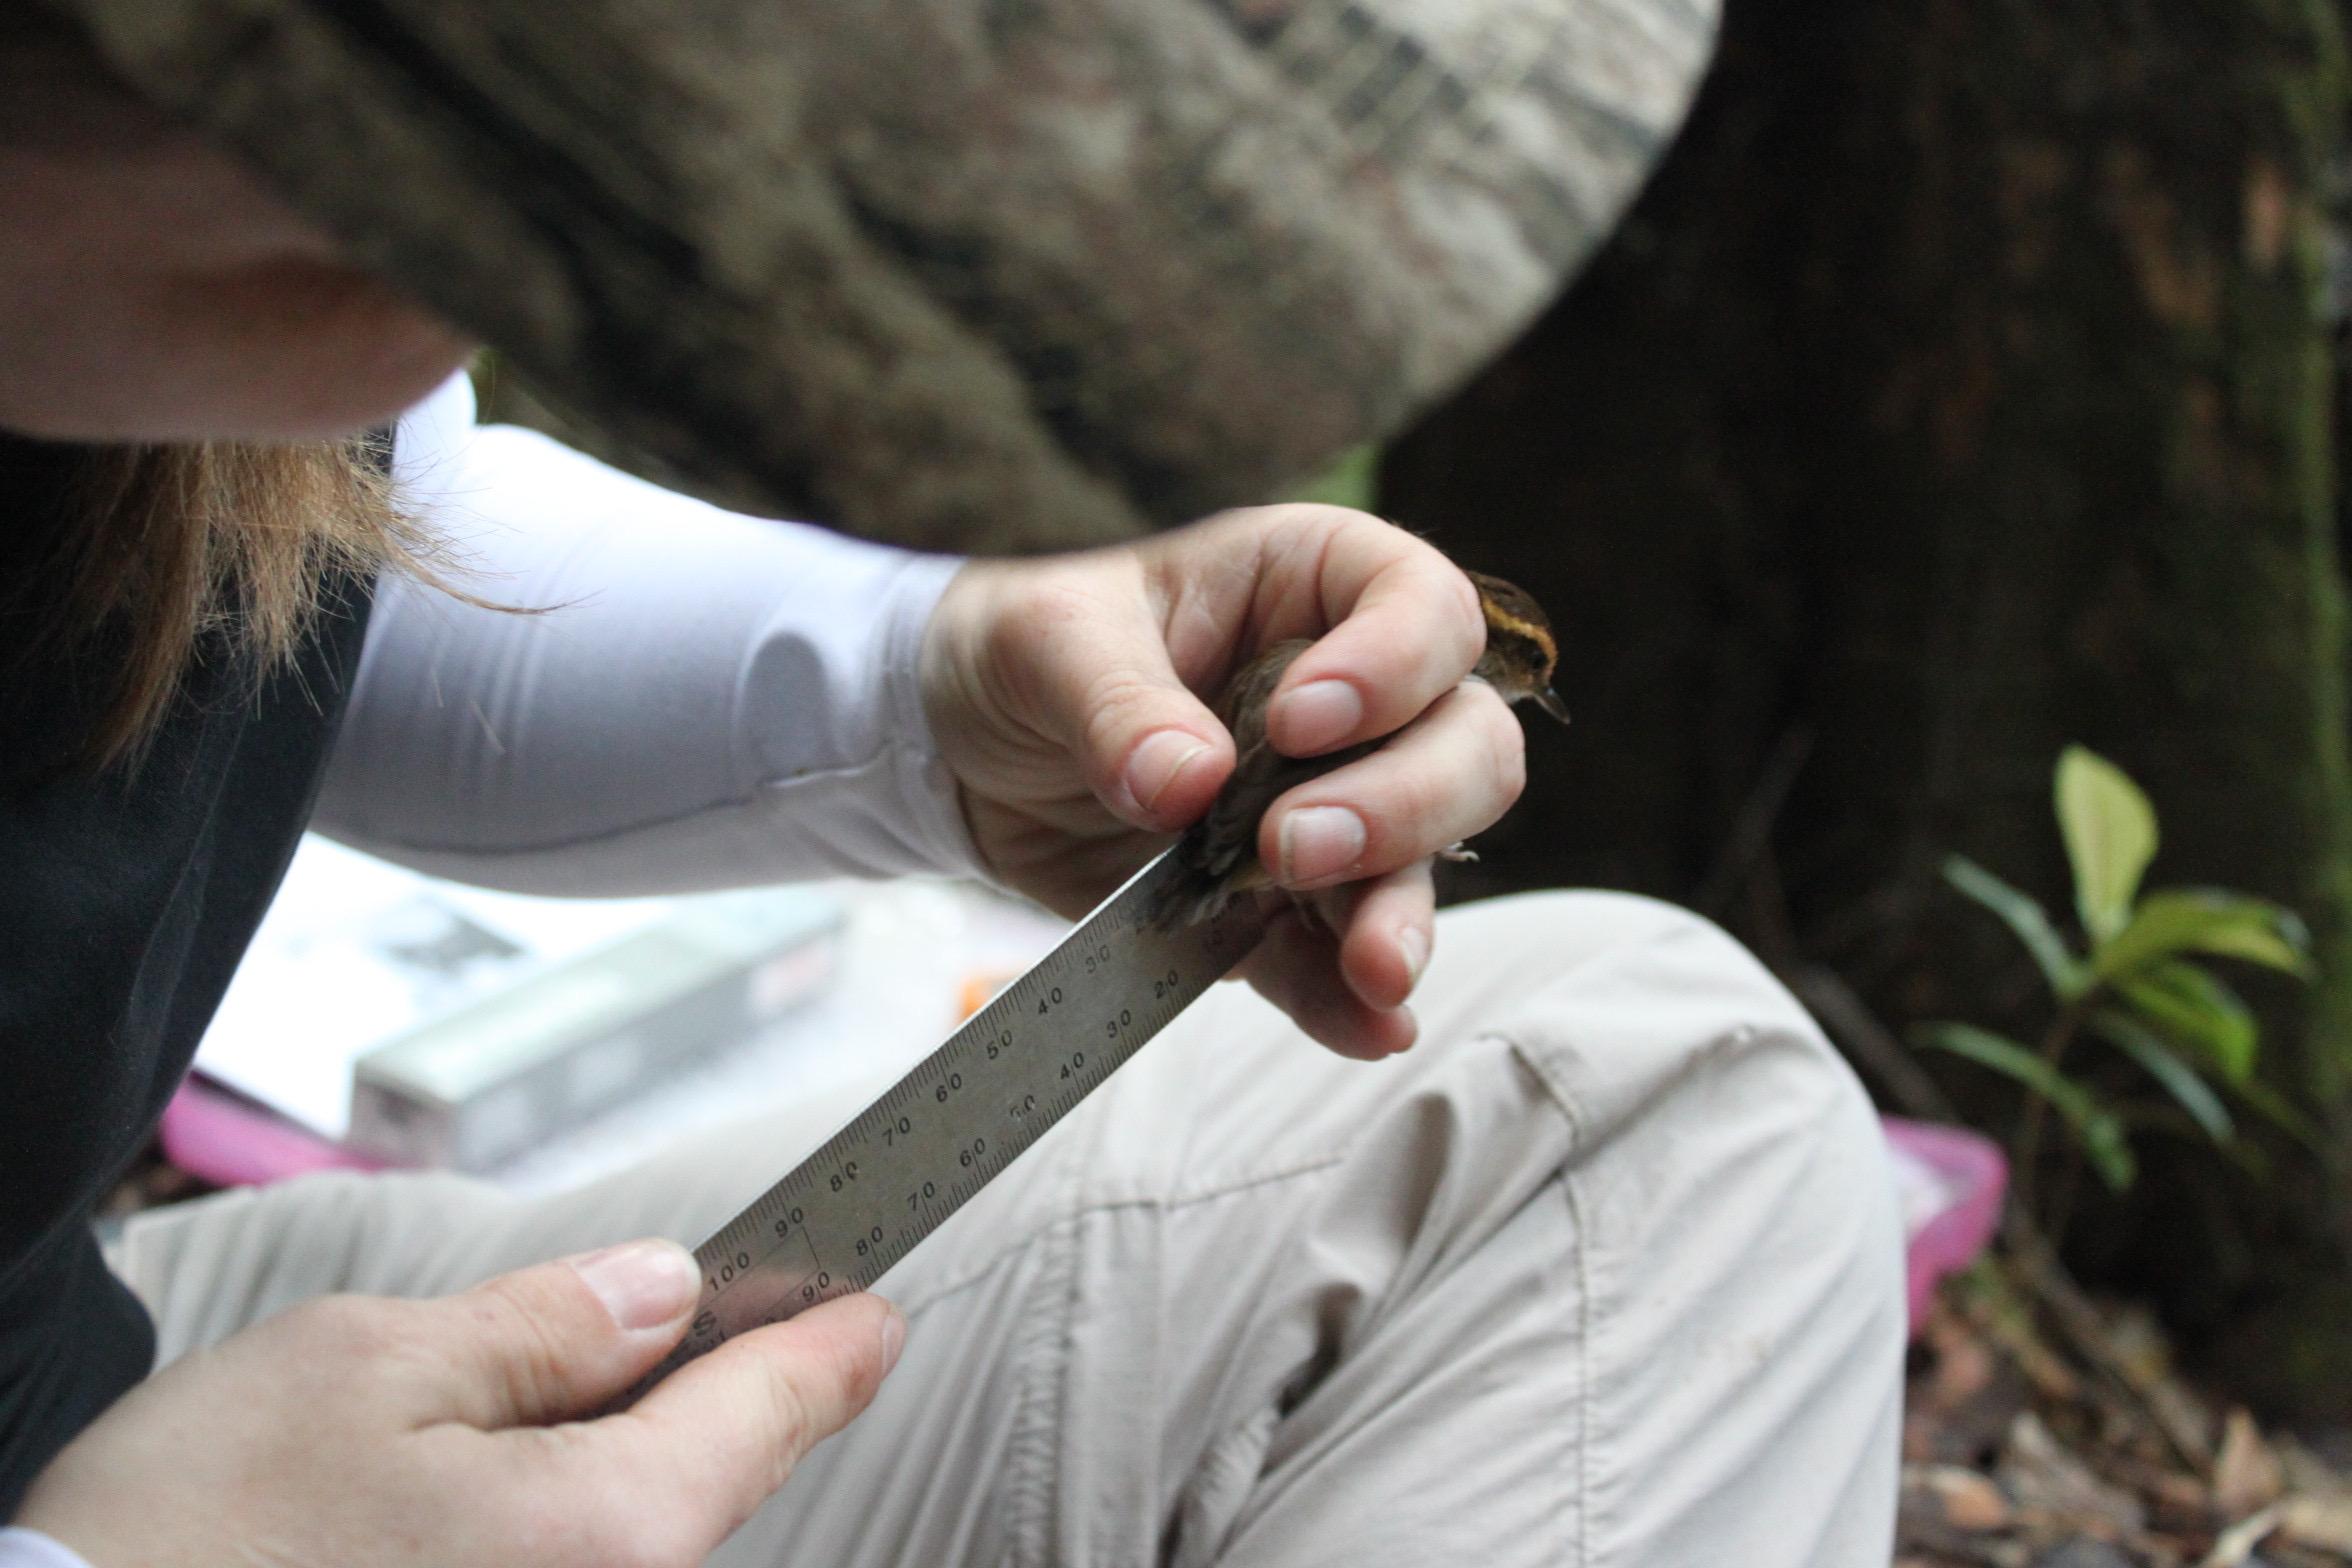 Bird bander Kristen Oliver measures a Bornean Stubtail's stubtail